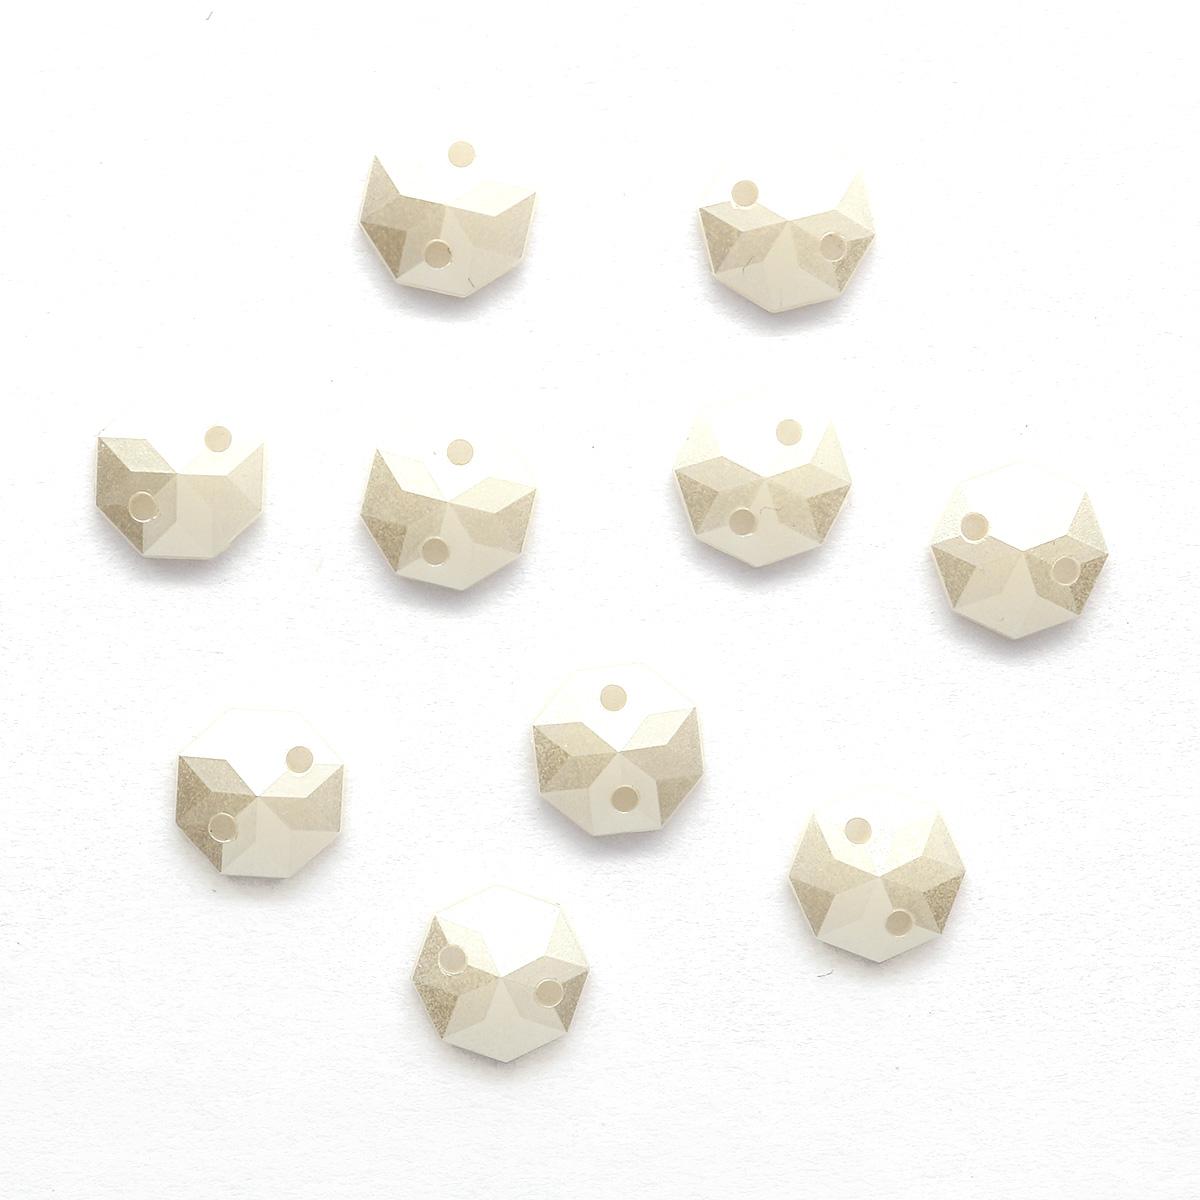 ACRT-M032-J2 Стразы акриловые,под жемчуг 8мм, 10шт/упак